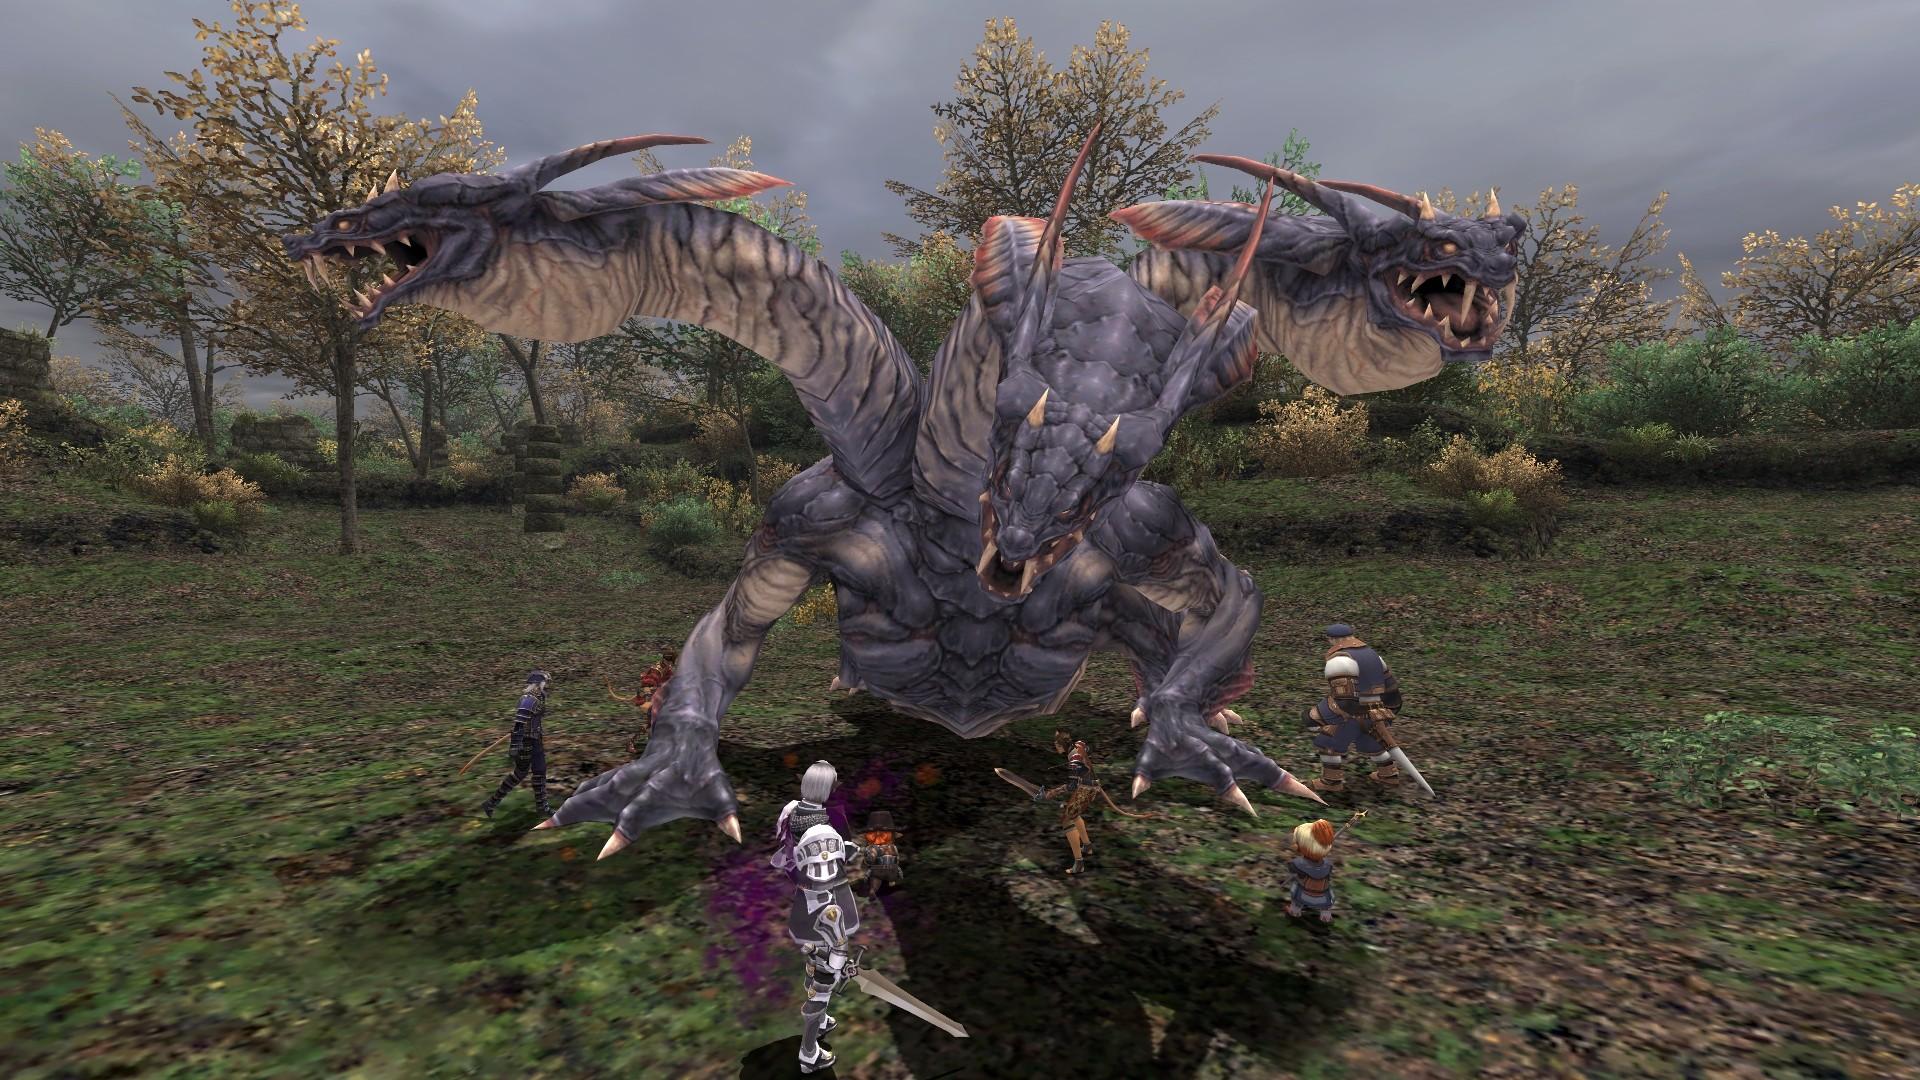 Why do I still want to play Final Fantasy XI?